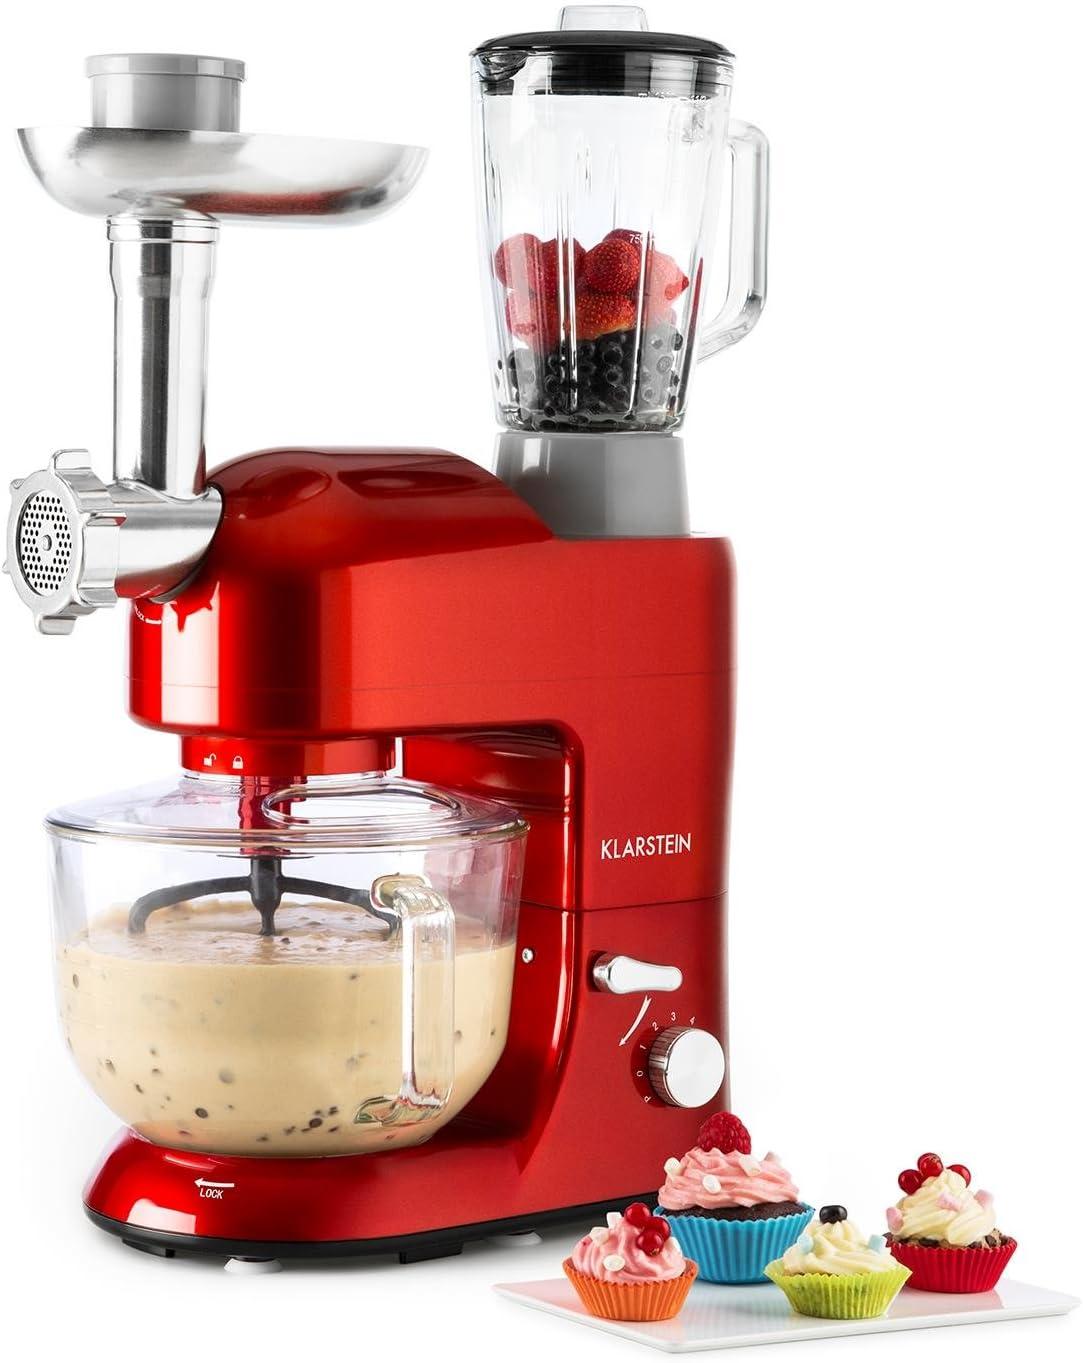 Klarstein Lucia Rossa 2G - Robot de cocina universal, Batidora, 1300 W, 5,2 Litros, Amasadora planetaria, Picadora de carne, Rodillo para pasta, Licuadora 1,5 Litros, 6 Velocidades, Rojo